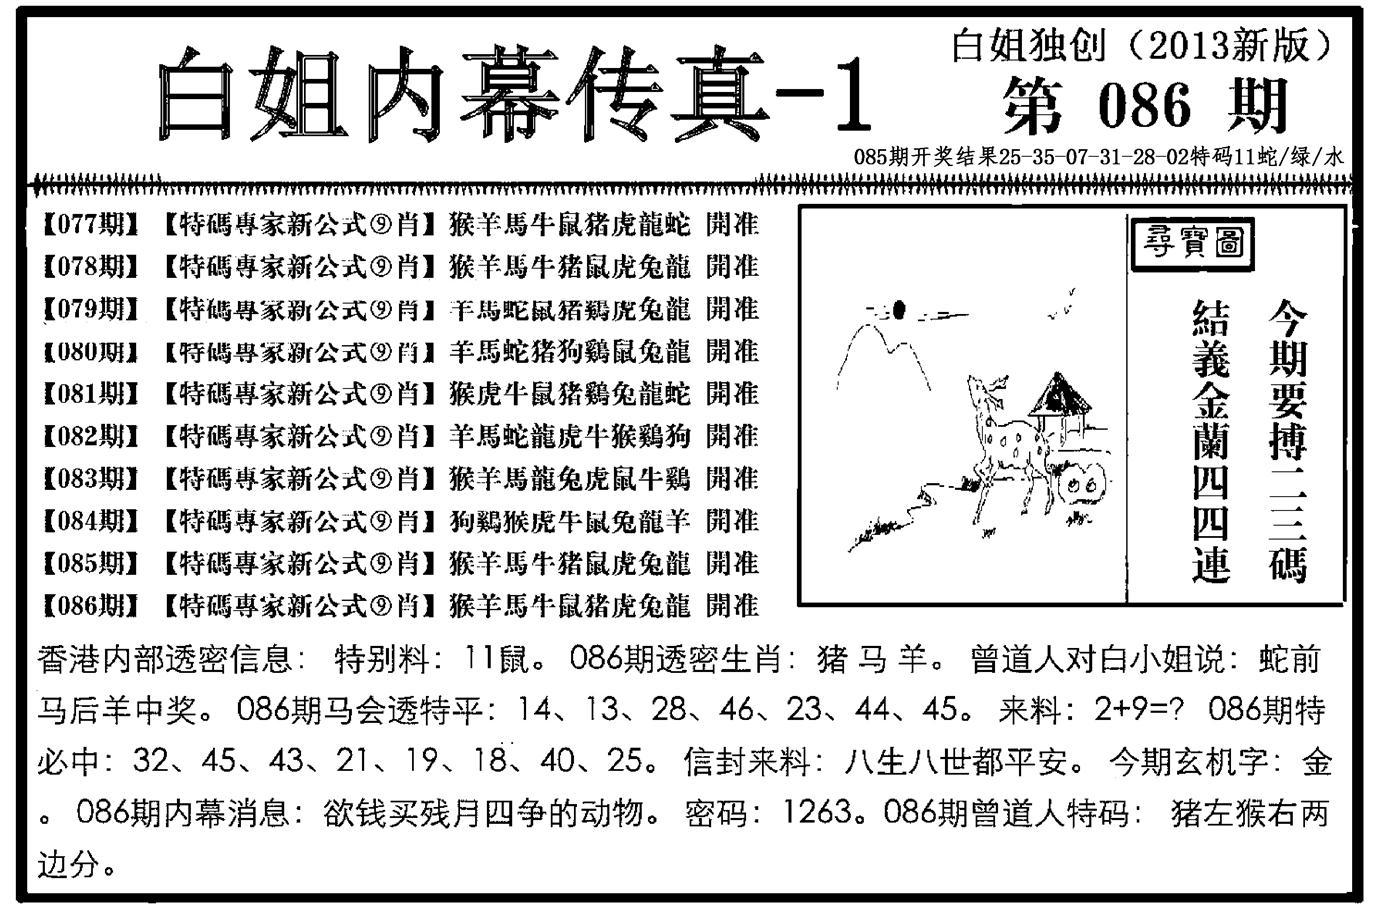 086期白姐内幕传真-1(黑白)